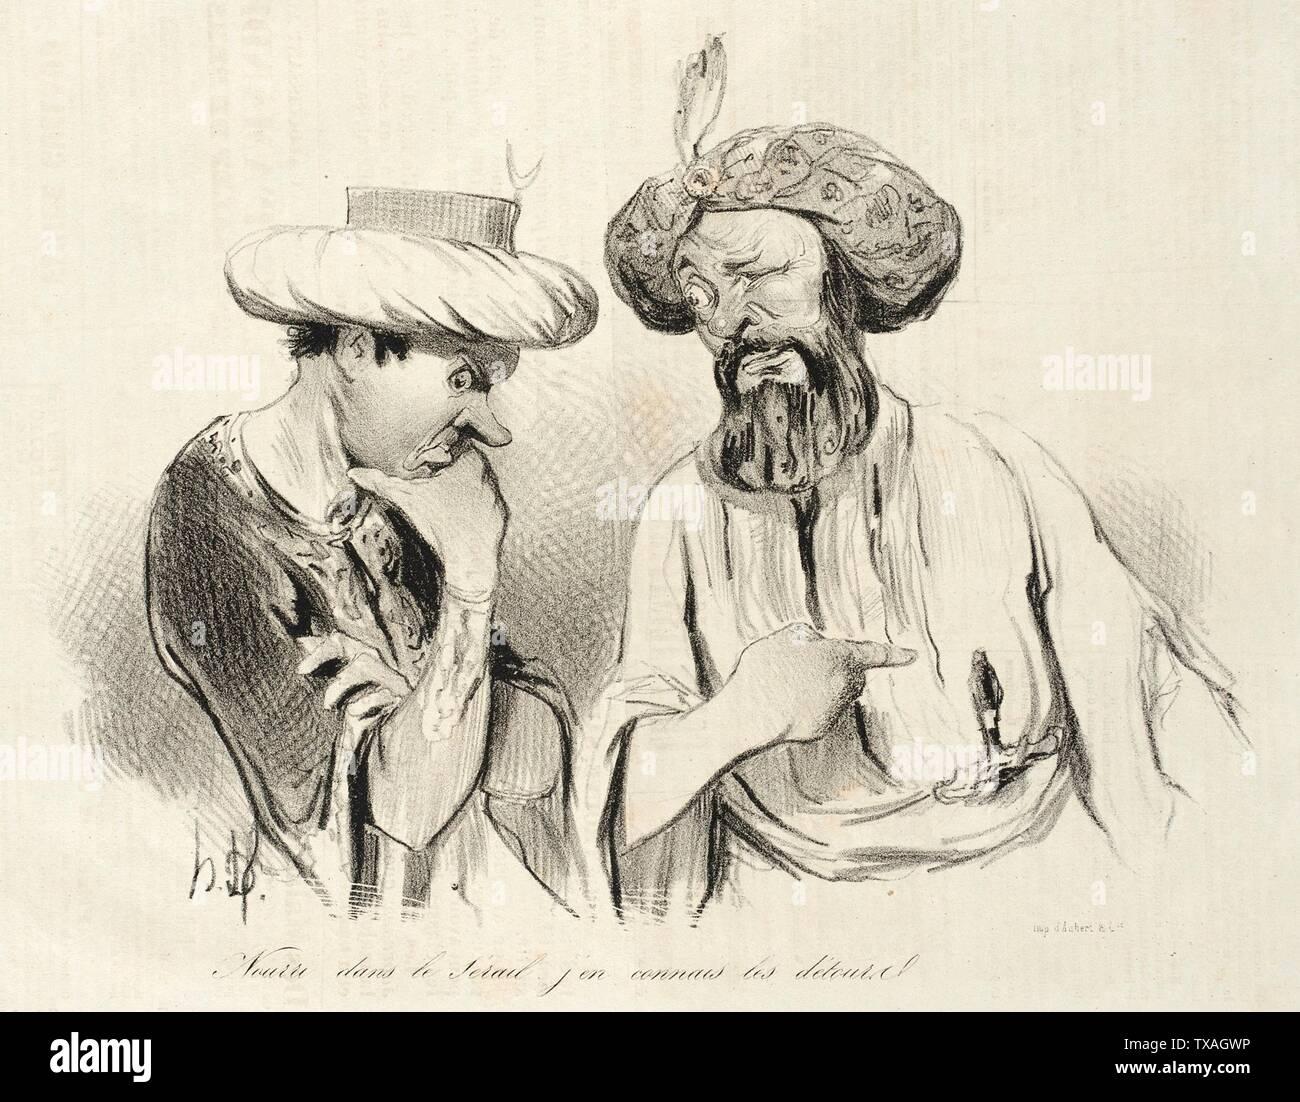 'Nourri dans le sérail, j'en connais les détours (Bajaset); English:  France, 1841 Series: Physionomies tragico-classiques Periodical: Le Charivari, 12, 13, 15 April 1841 Prints; lithographs Lithograph Gift of Mr. and Mrs. Stanley Talpis (54.71.73) Prints and Drawings; 1841date QS:P571,+1841-00-00T00:00:00Z/9; ' - Stock Image